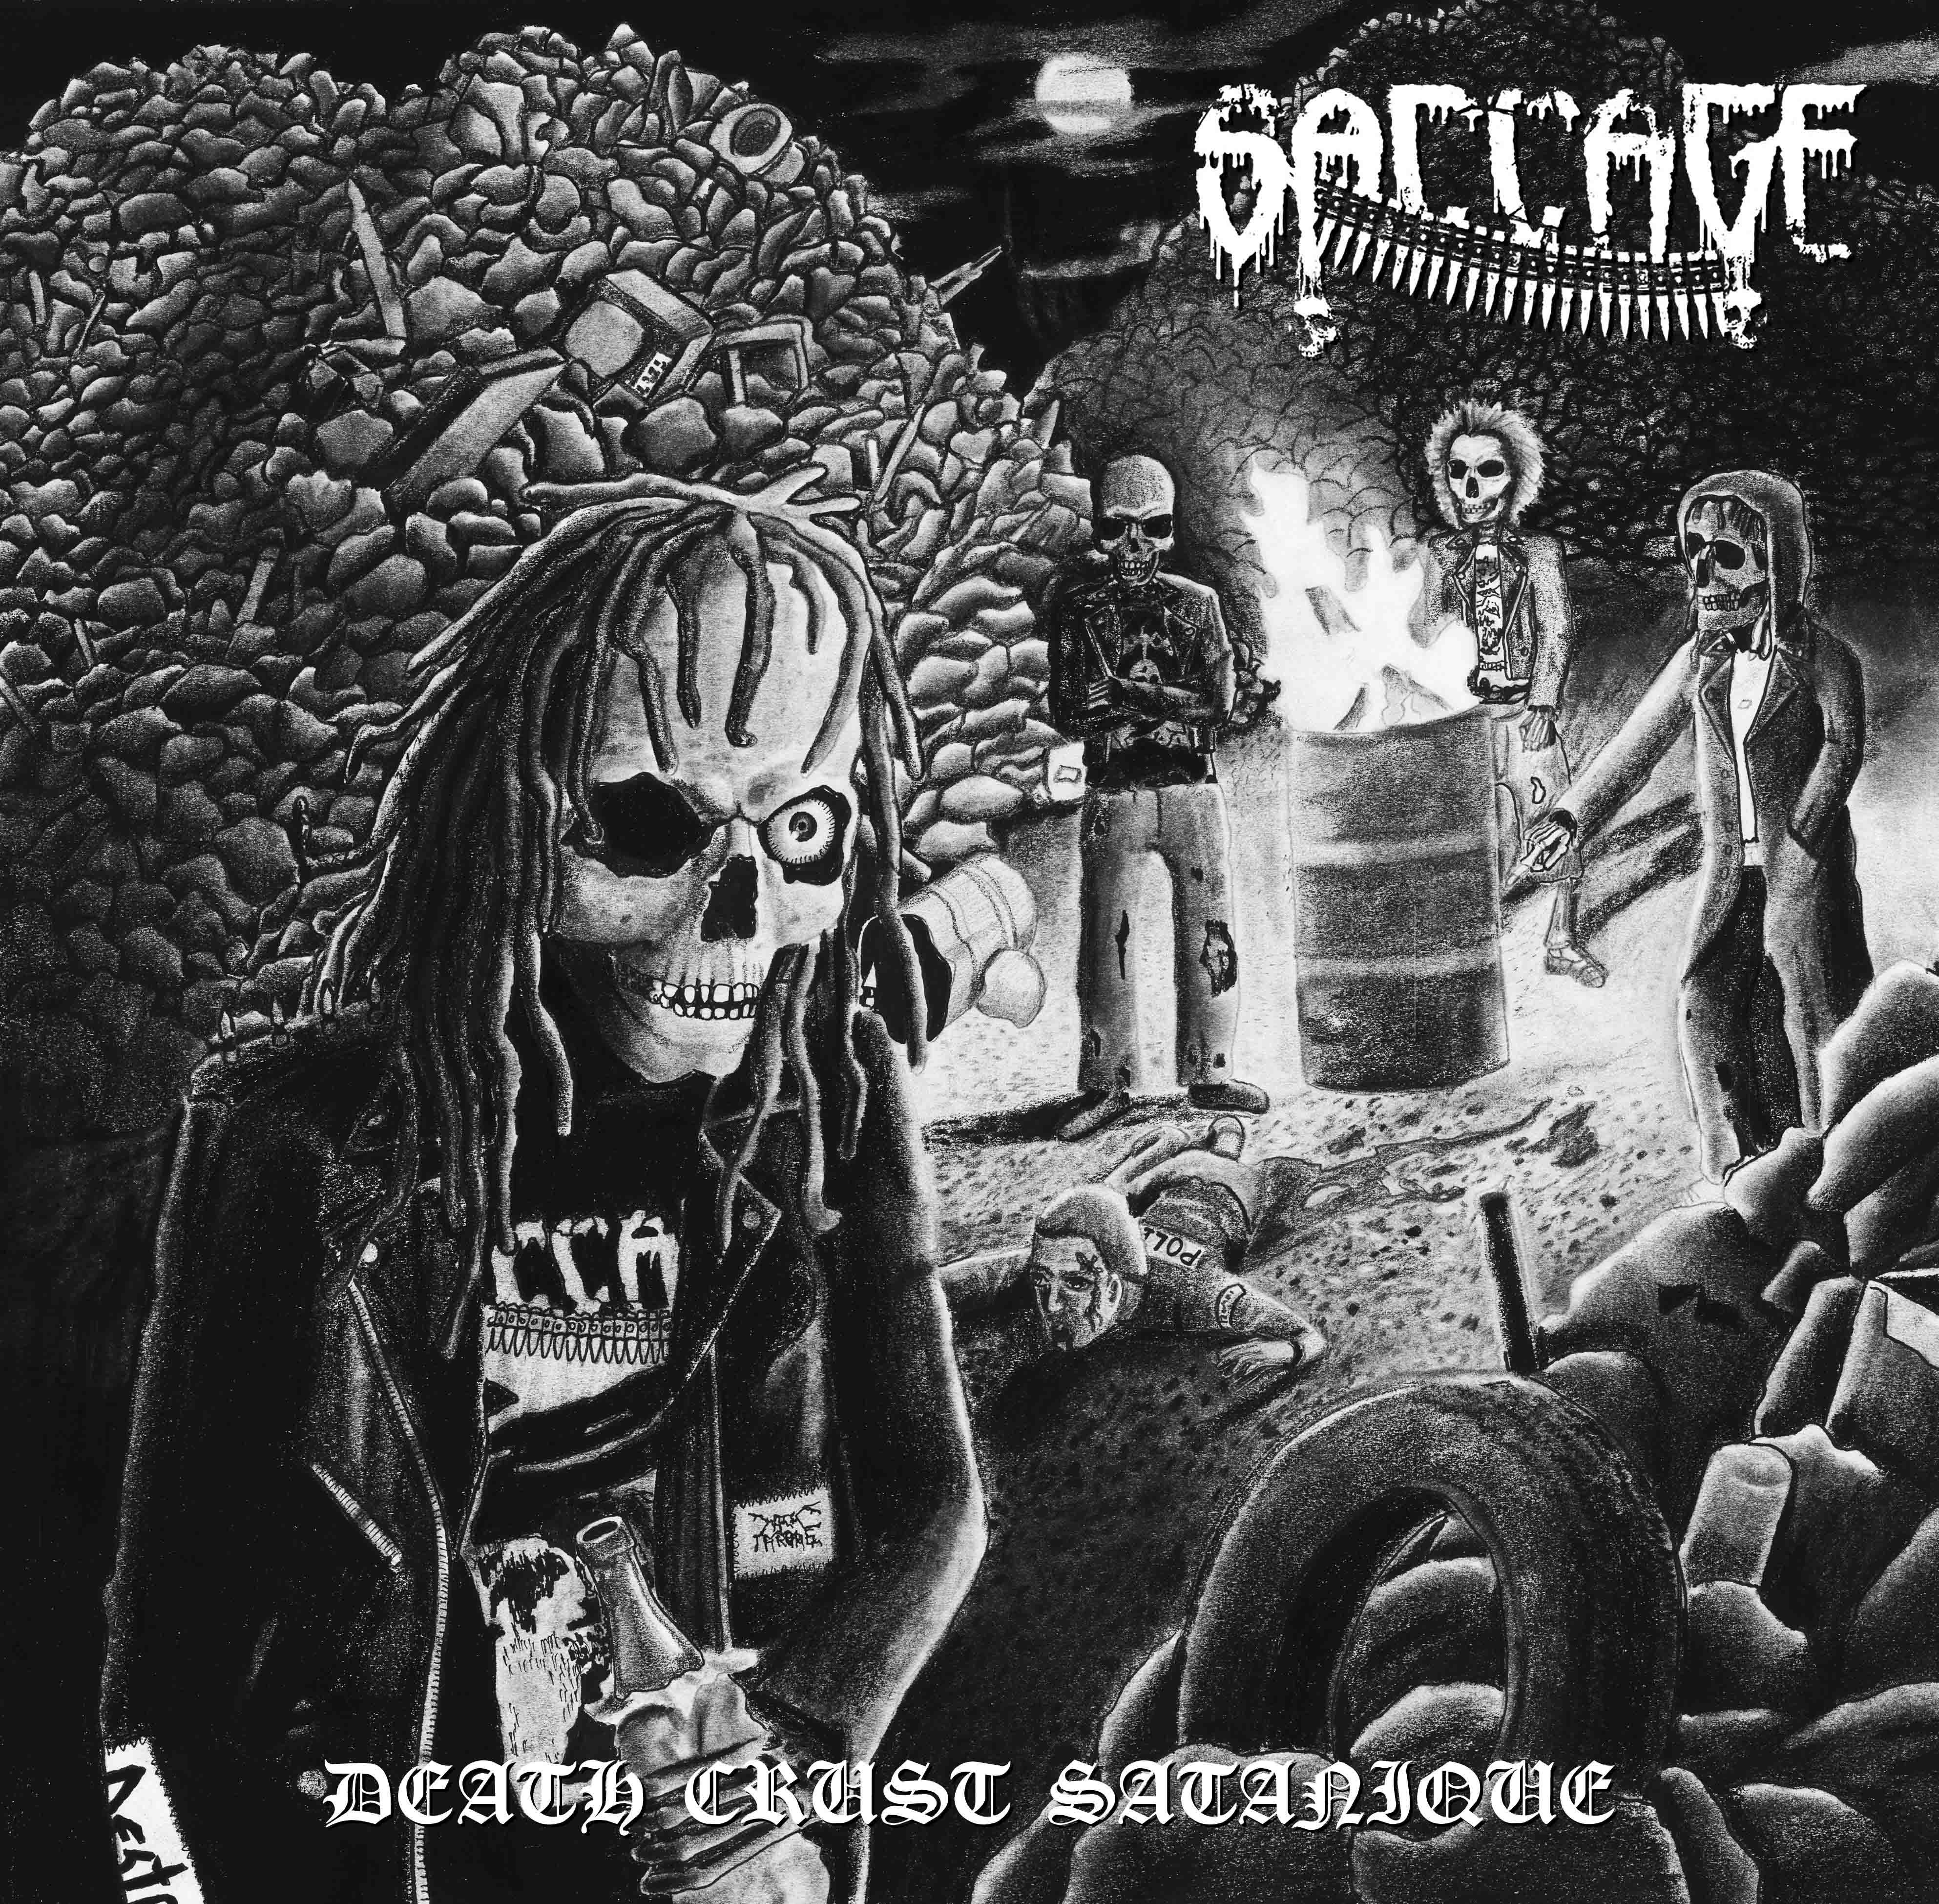 Saccage - Death Crust Satanique (2012)